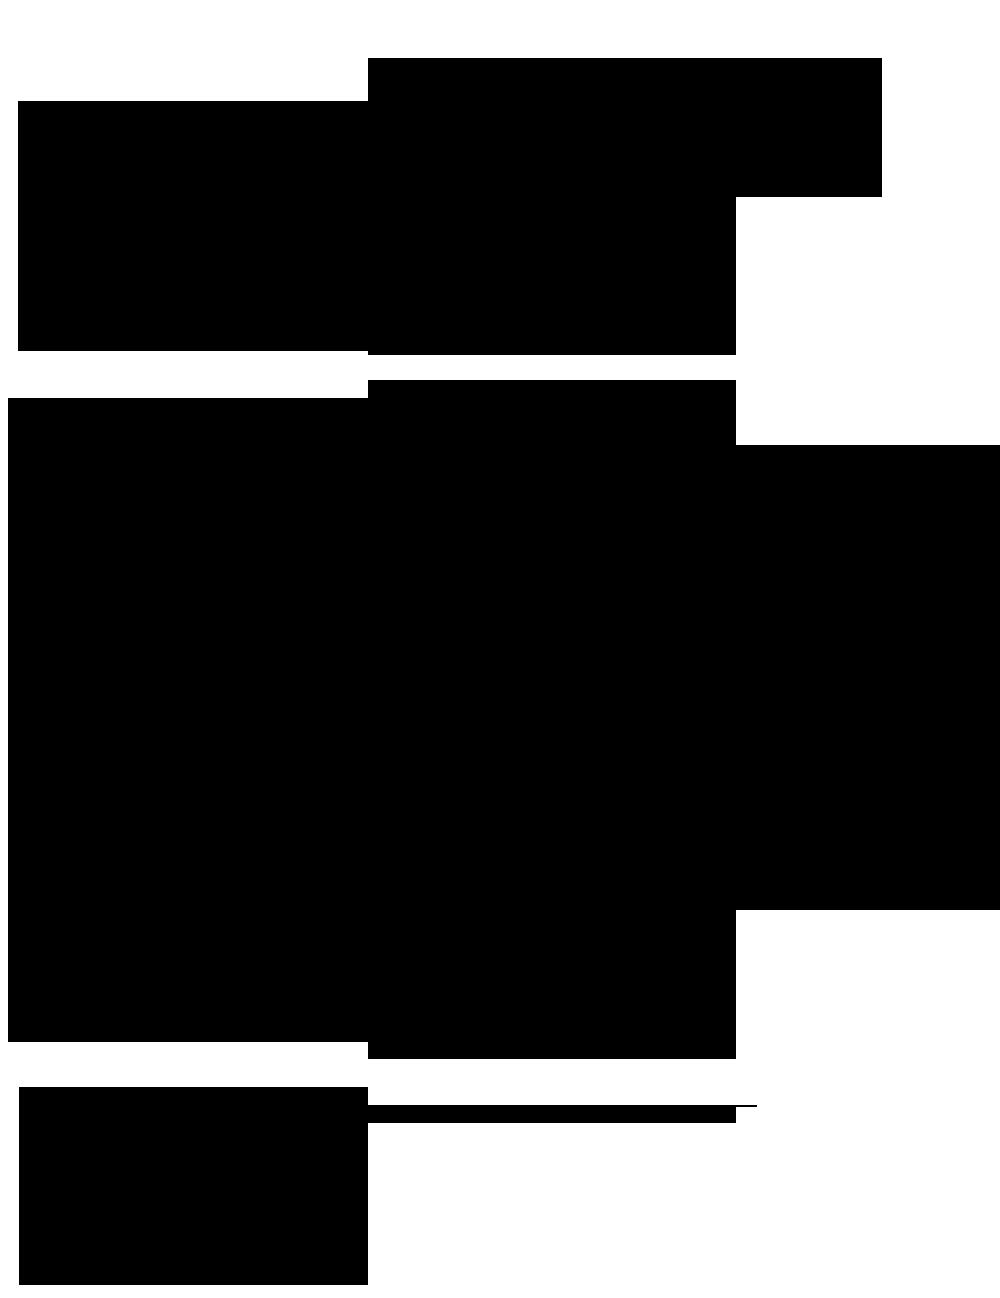 РЕЄСТР №_____  ПРИЙМАННЯ-ЗДАЧІ ДОКУМЕНТІВ (Типова форма № М-13)